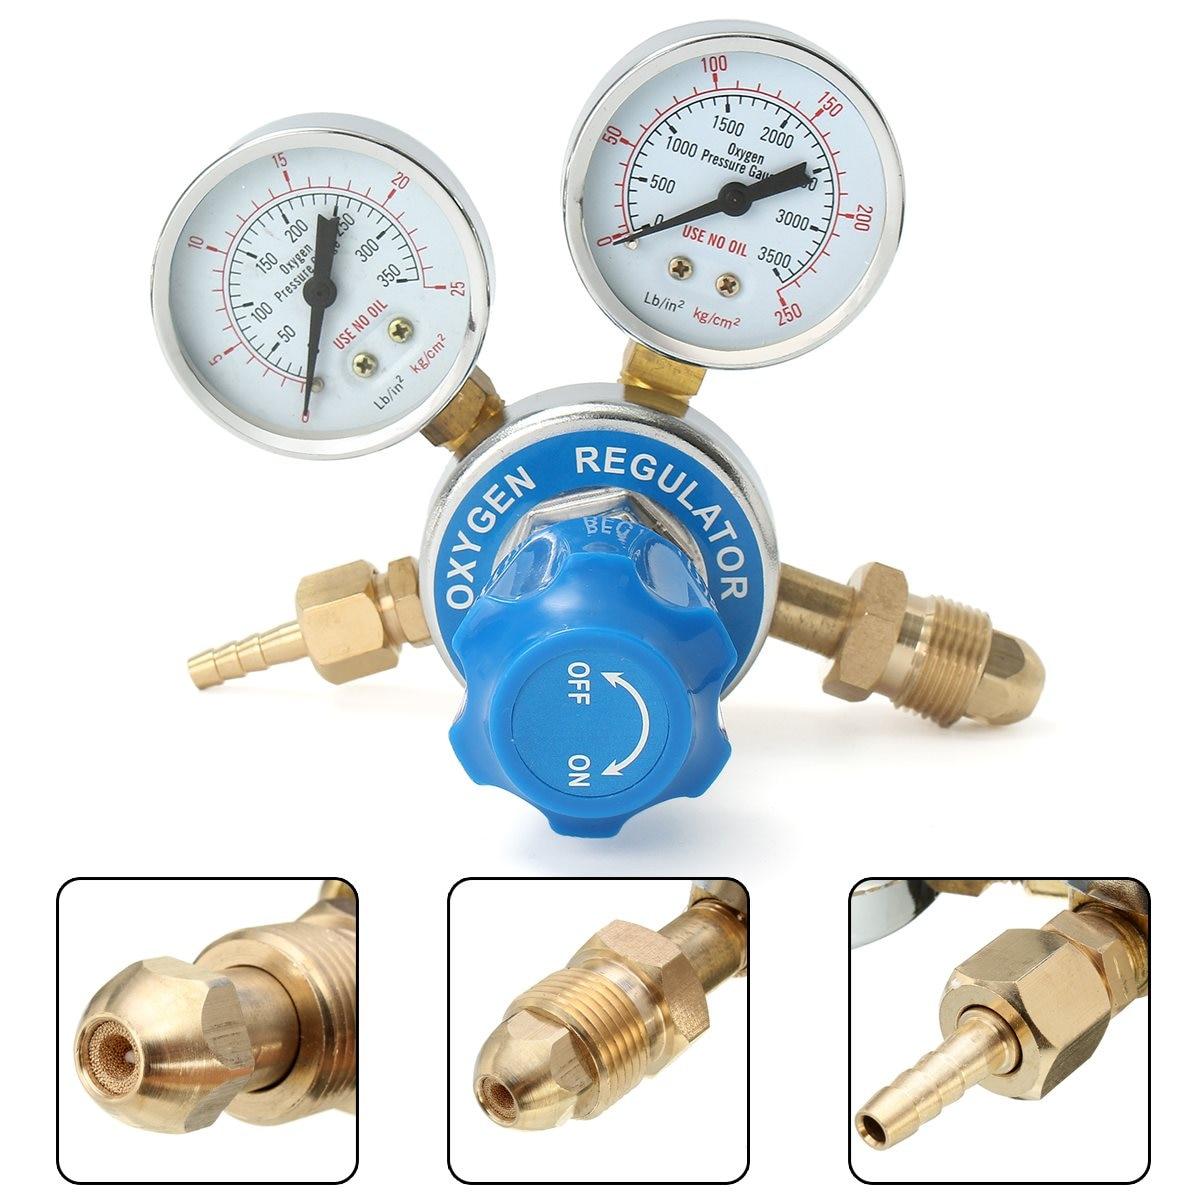 Gas Reducing Valve Pressure Reducer Solid Brass Oxygen Regulator Welding Torch Cutting g5 8 14h f oxygen regulator welding accessories